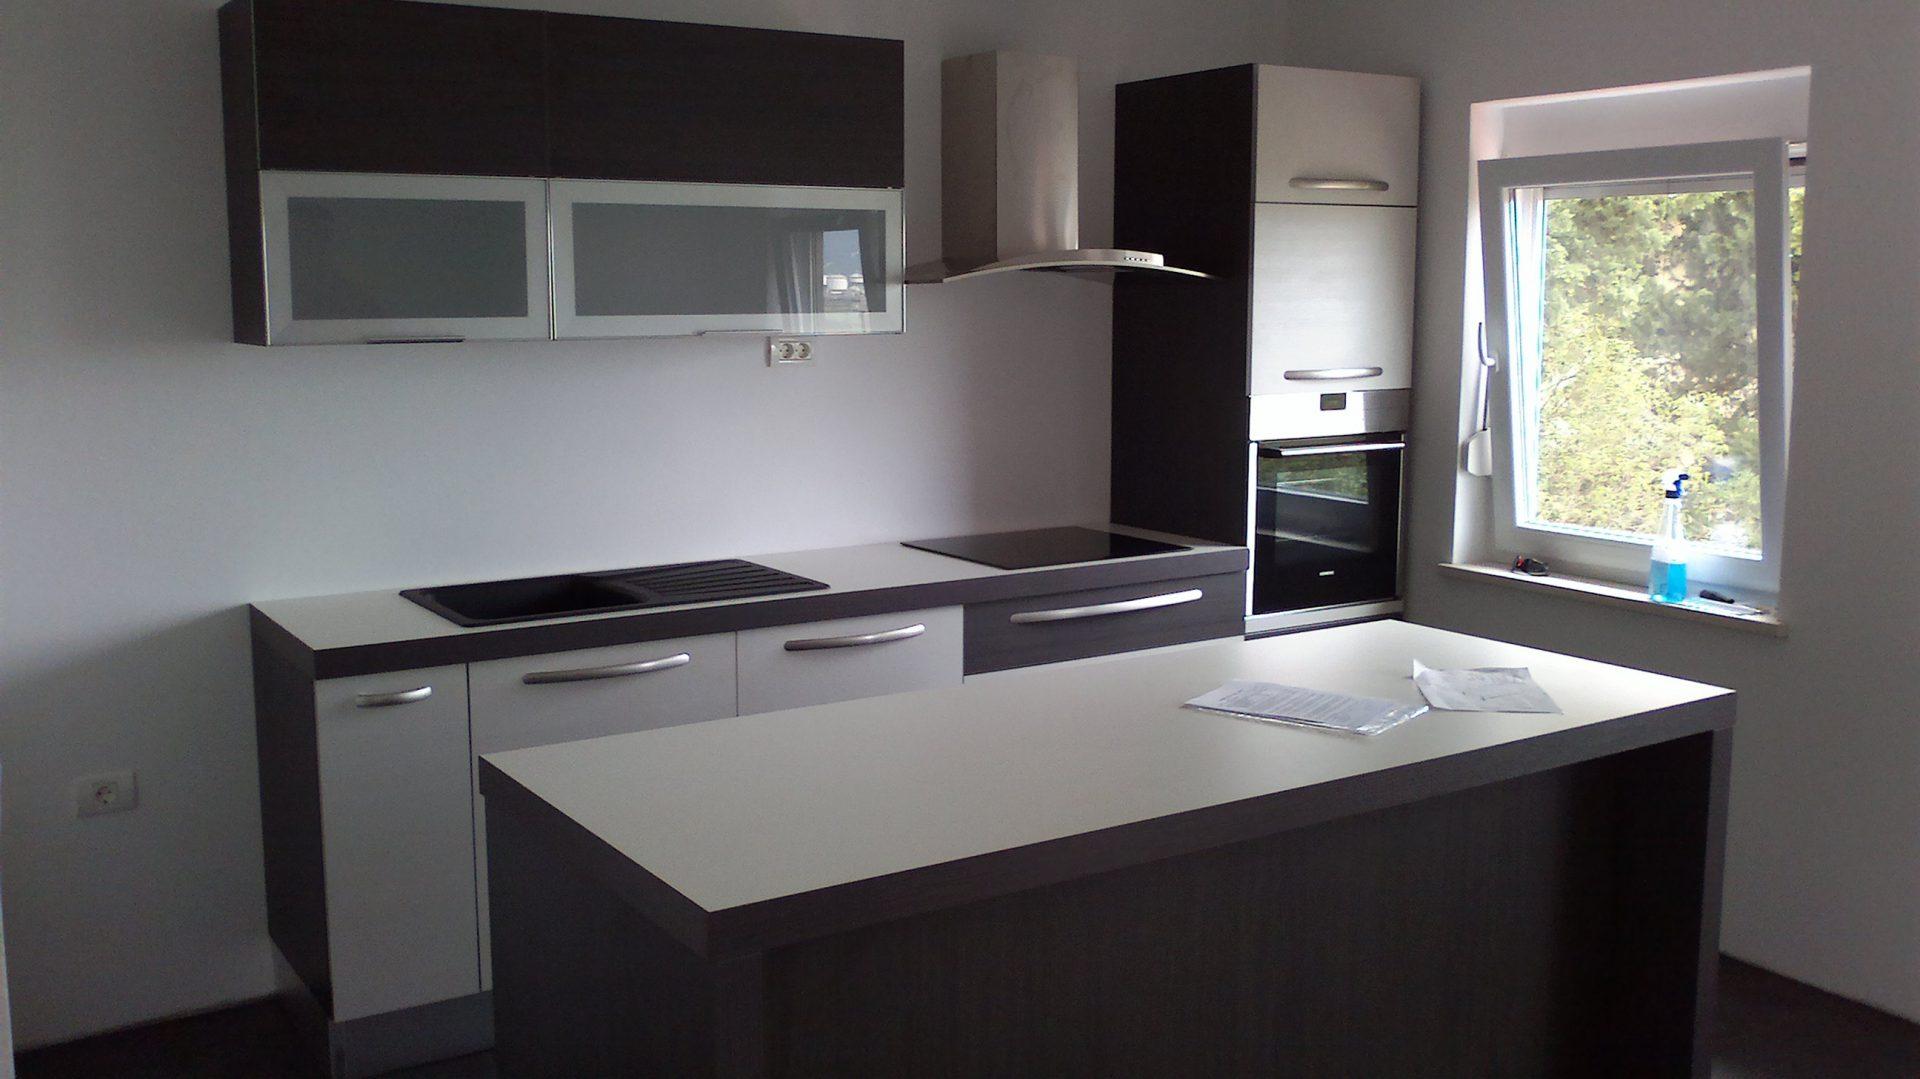 Izdelava in montaža kuhinj za prefinjeno funkcionalnost 1